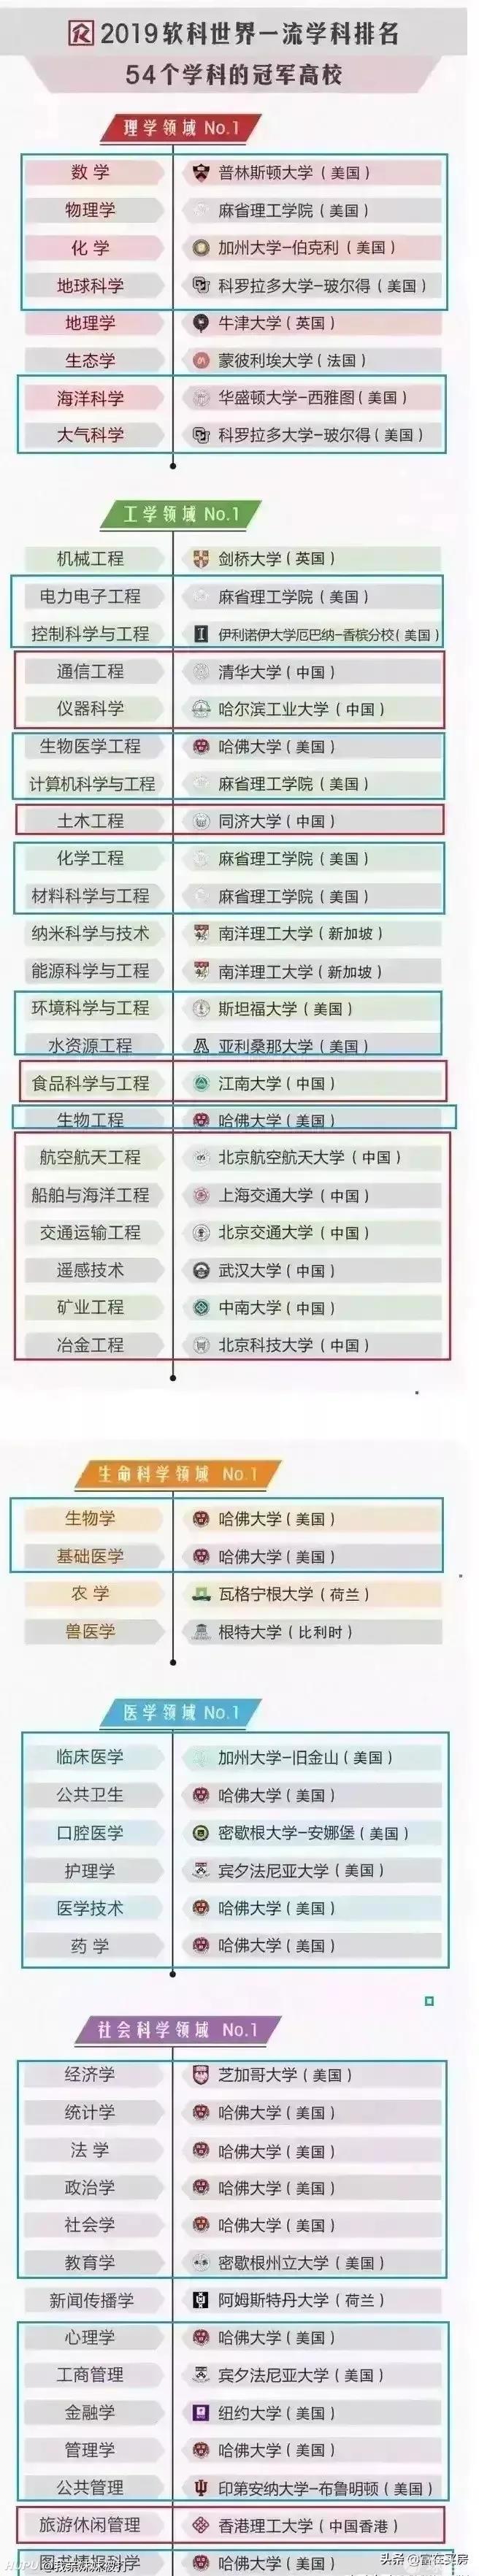 世界目前最頂尖的學科,中國多個高校上榜。